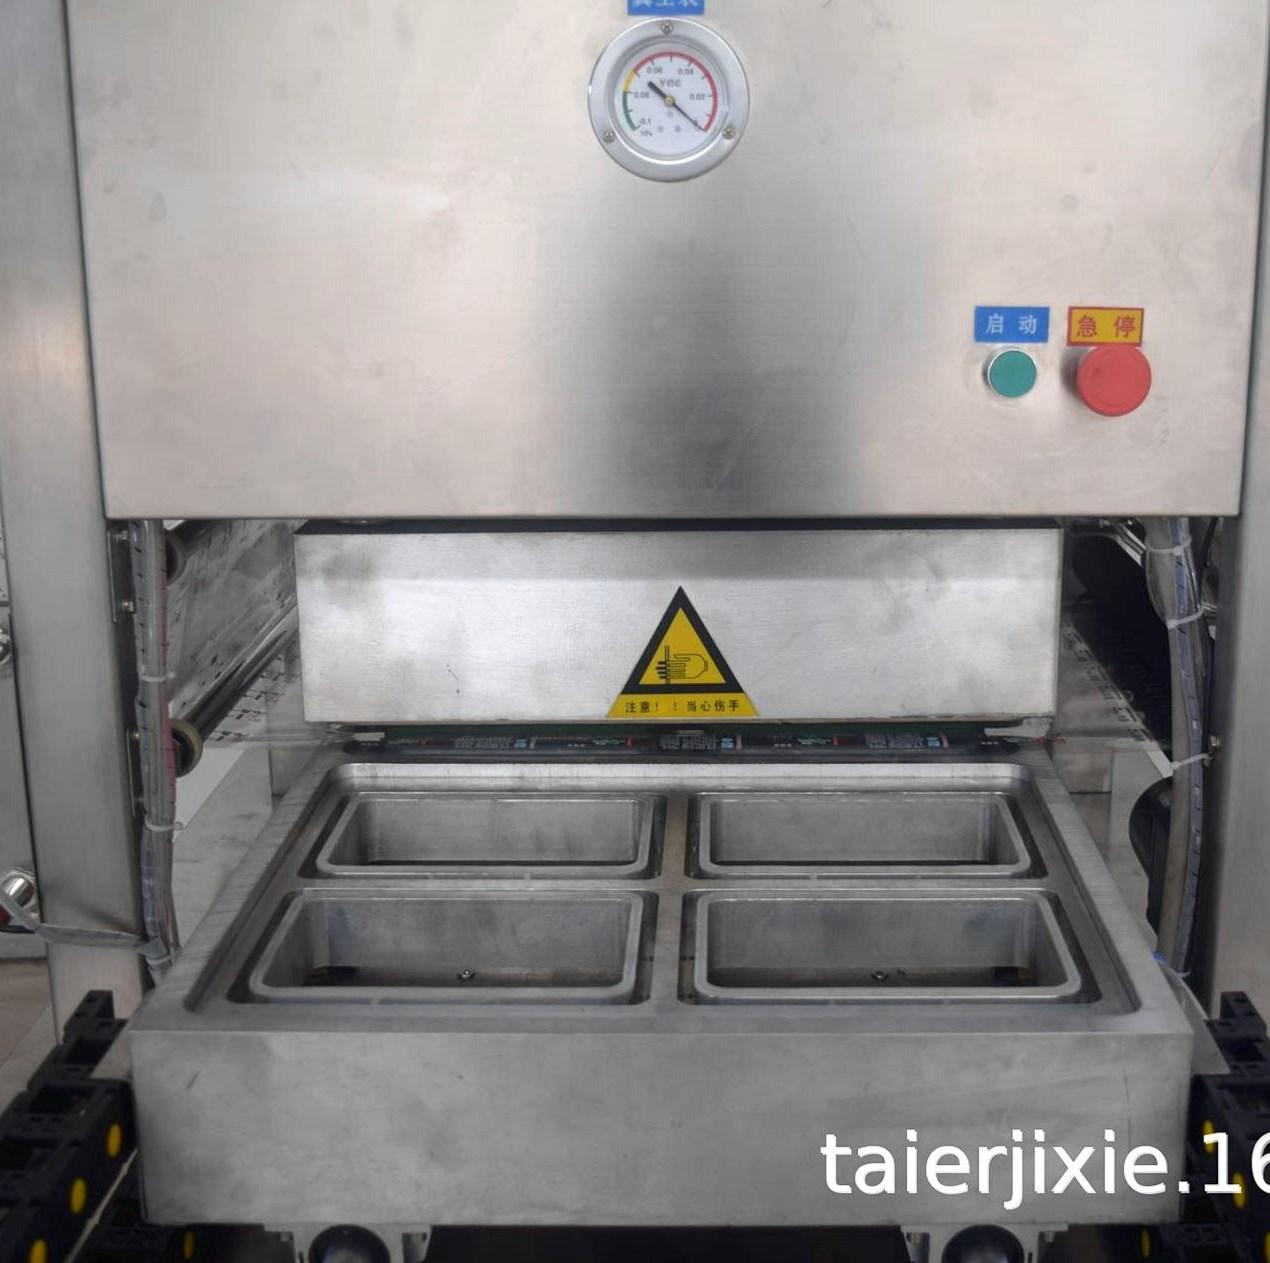 熟食盒式气调包装机的操作规则 四川羊肉盒式气调包装机的原理